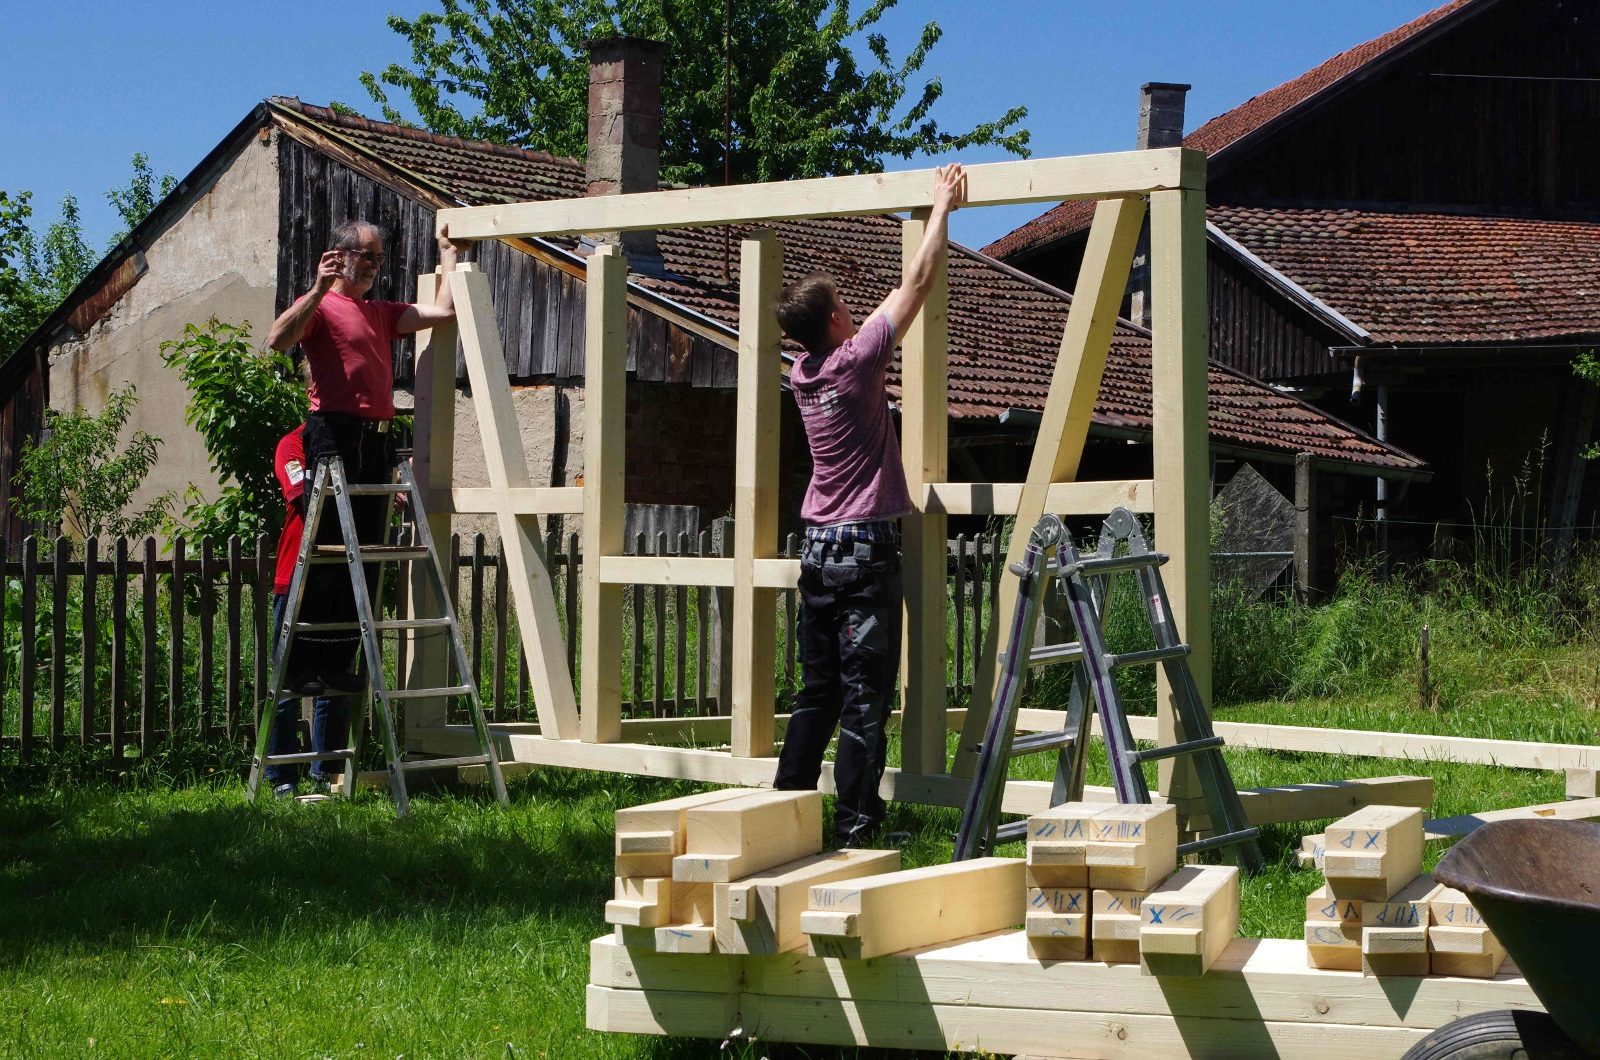 Gartenhaus ohne bauantrag zimmerei hombach - Gartenhaus ausbauen ...